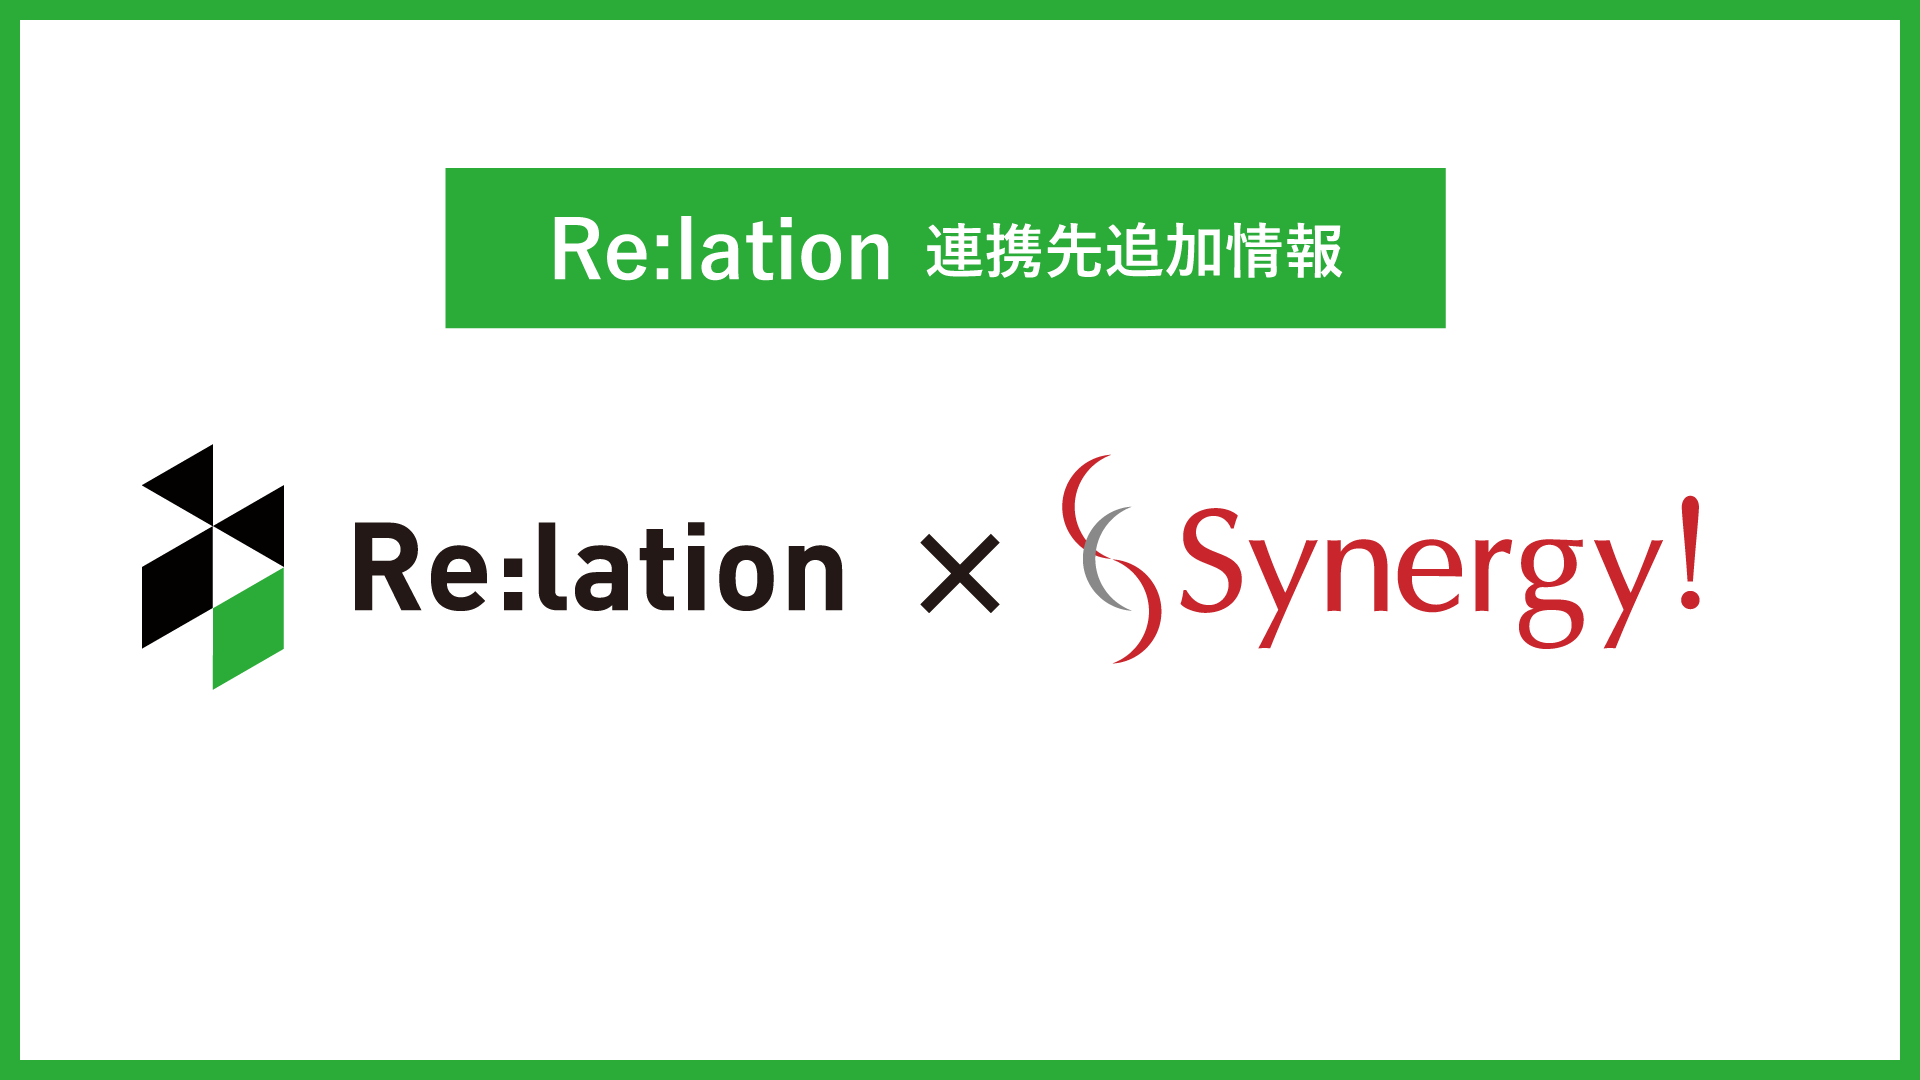 顧客対応ツール『Re:lation(リレーション)』がクラウド型CRMサービス『Synergy!』と連携